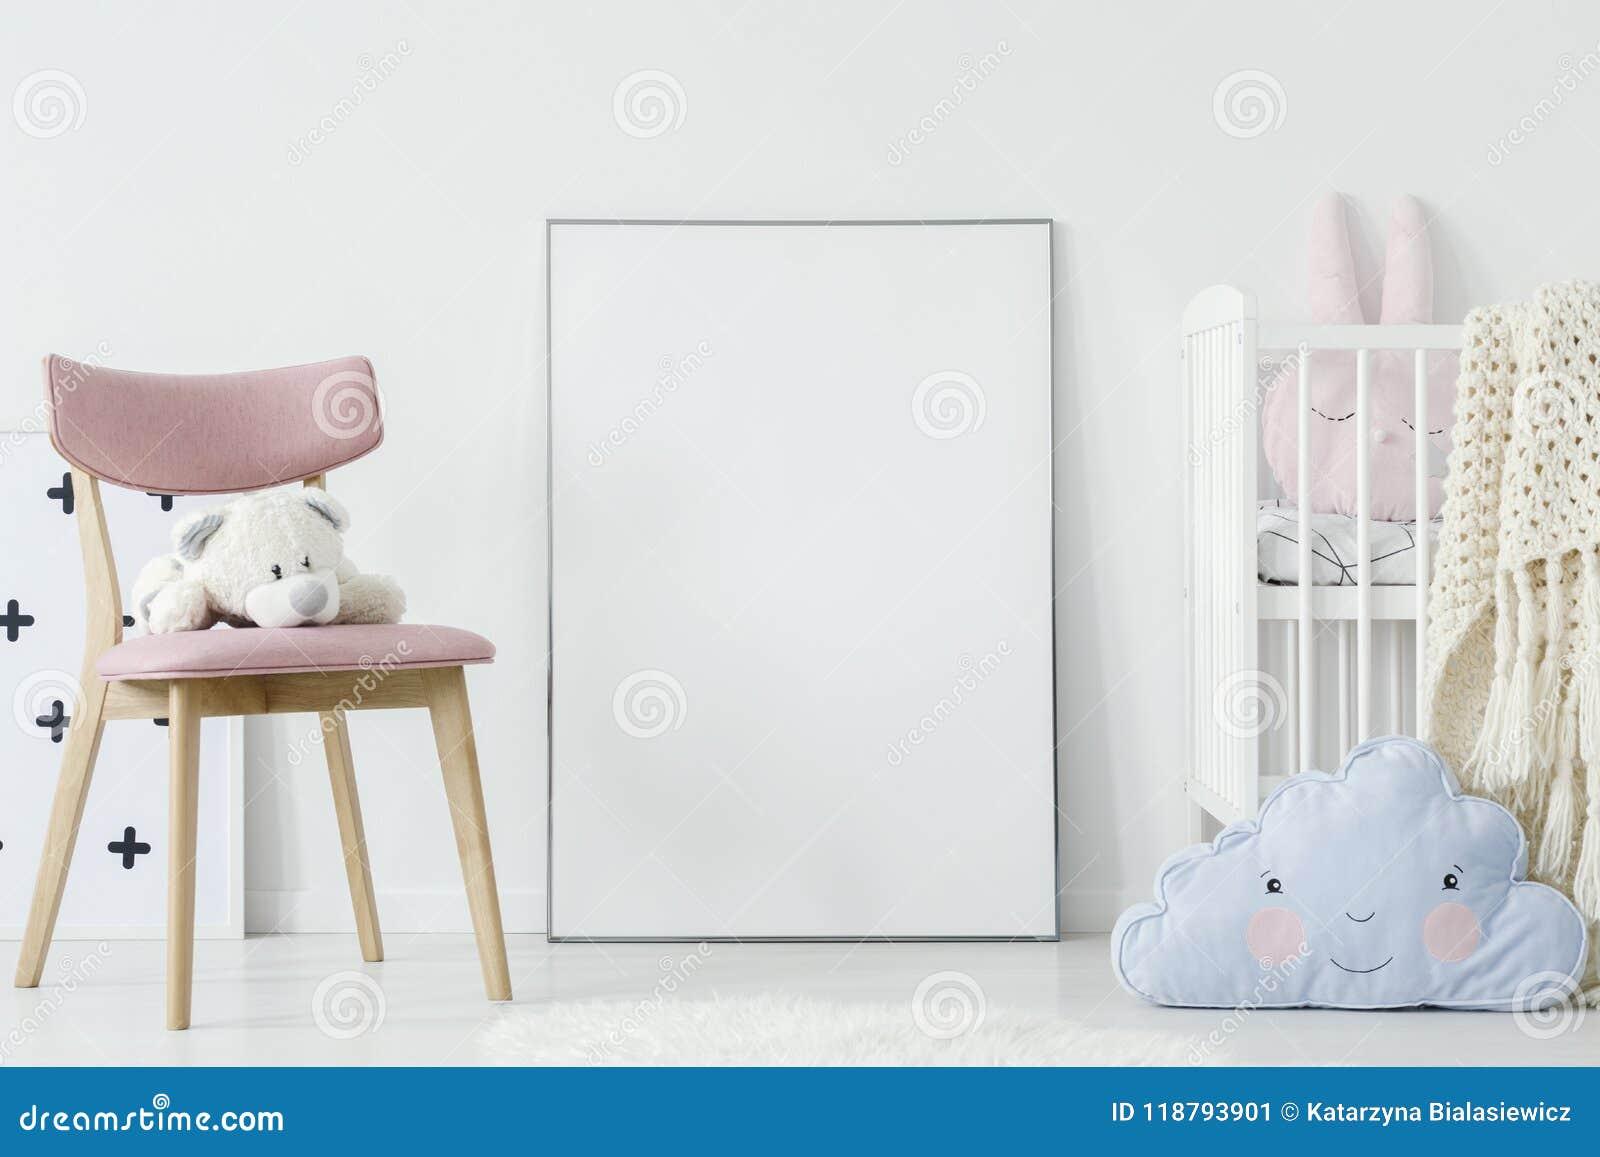 Игрушка плюша на розовом стуле и голубая подушка в интерьере комнаты ` s ребенка